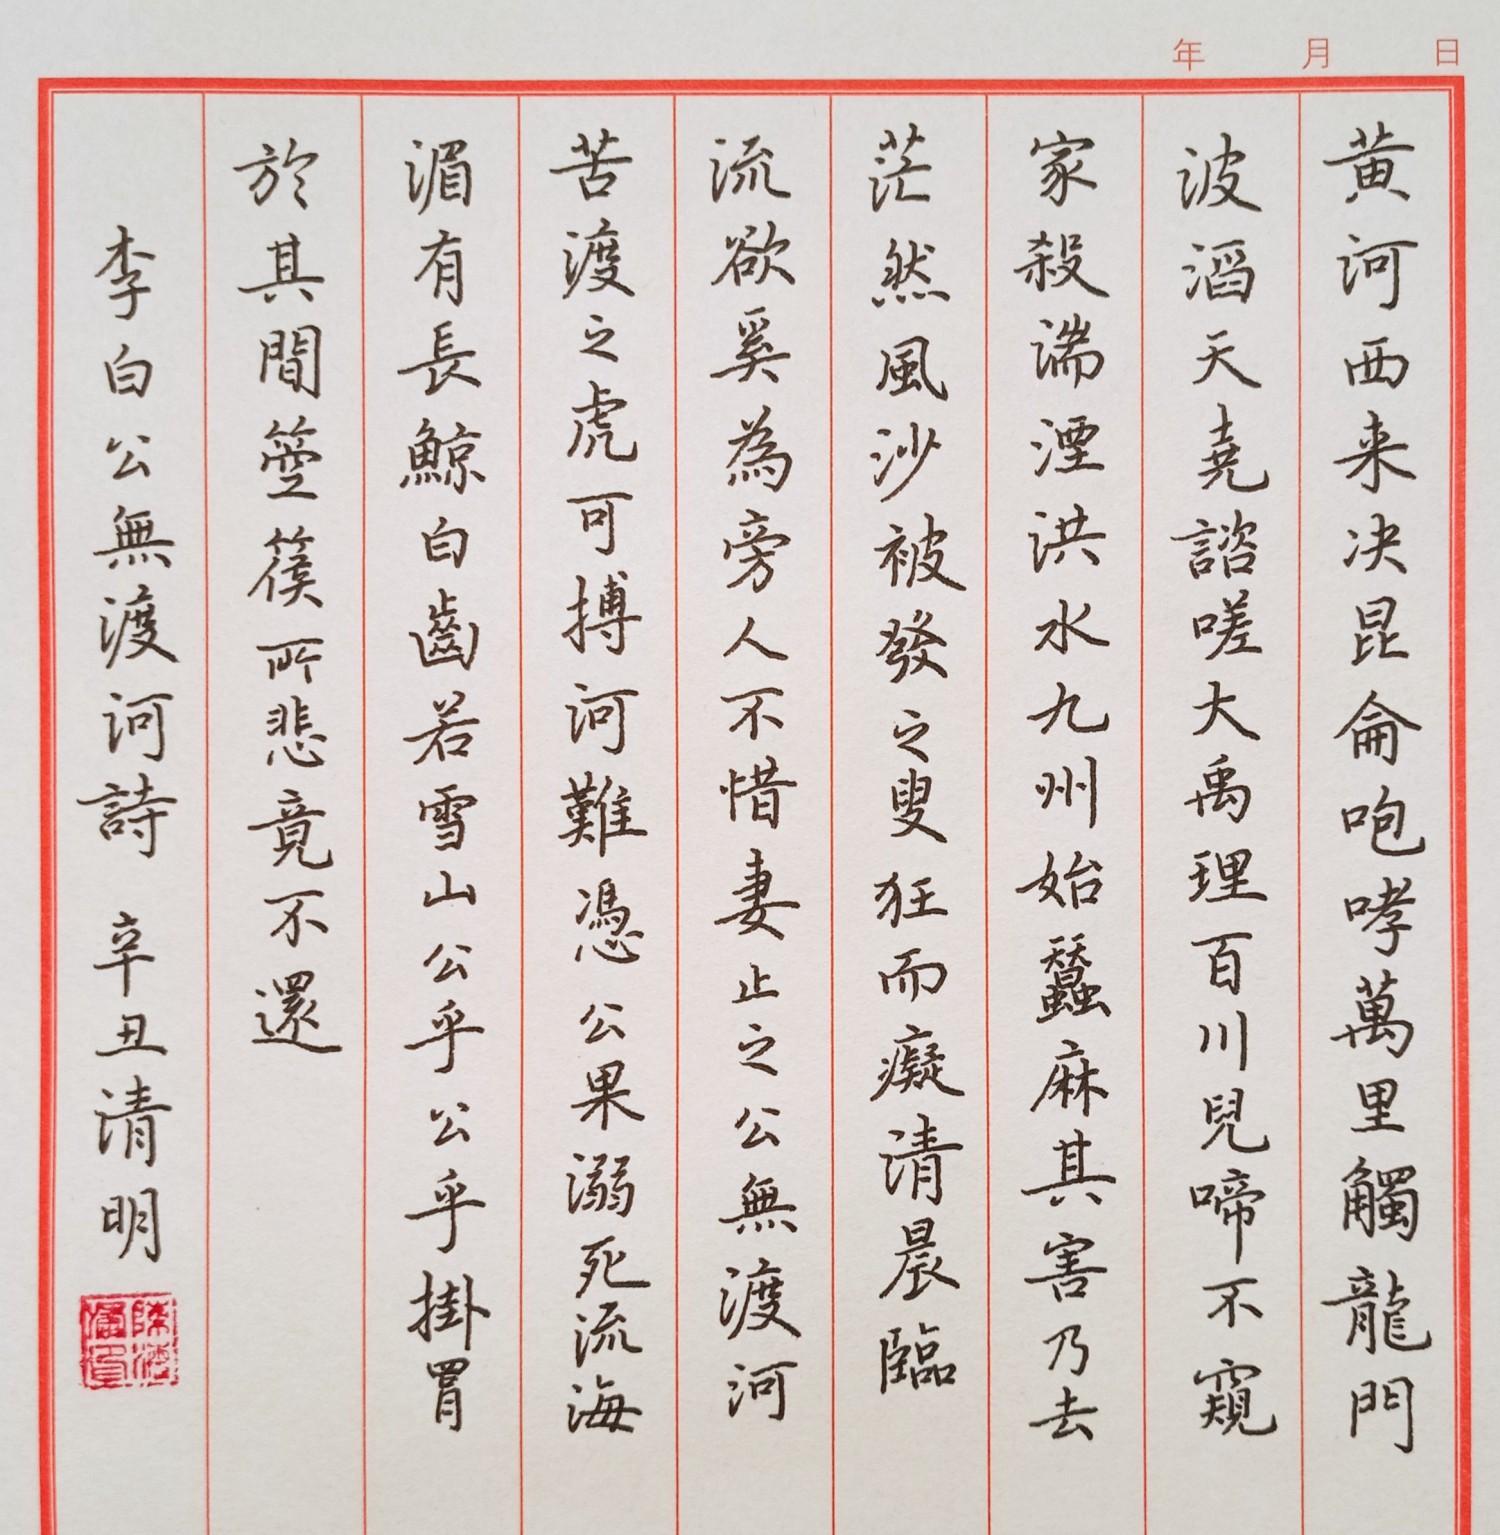 钢笔爱好者练字打卡20210406-16